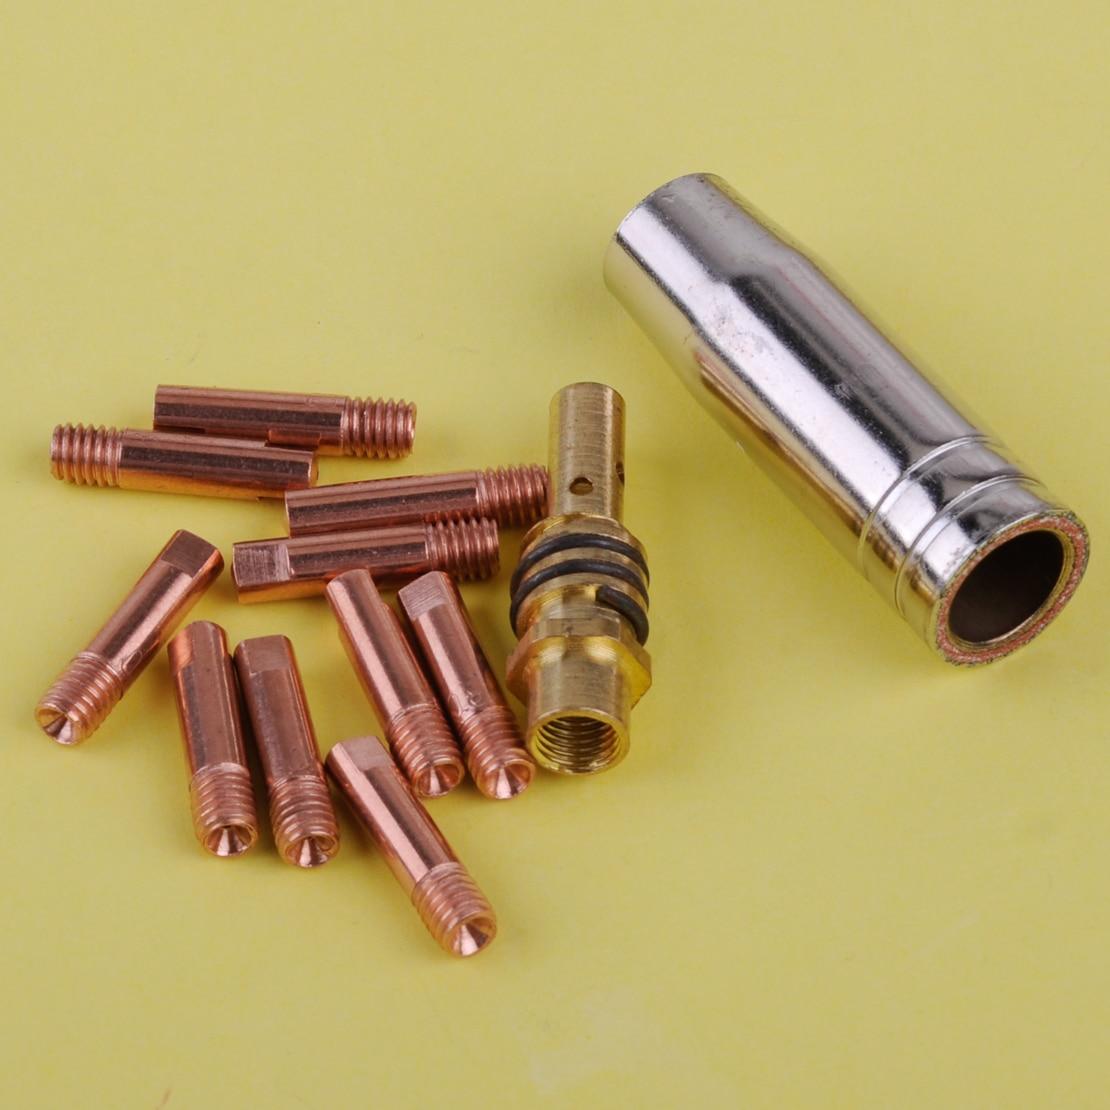 LETAOSK 12 stücke MB 15AK MIG/MAG Schweißen Taschenlampe Kontaktieren Spitze 0,8x25mm M6 Gas Düse Shroud halter Kit